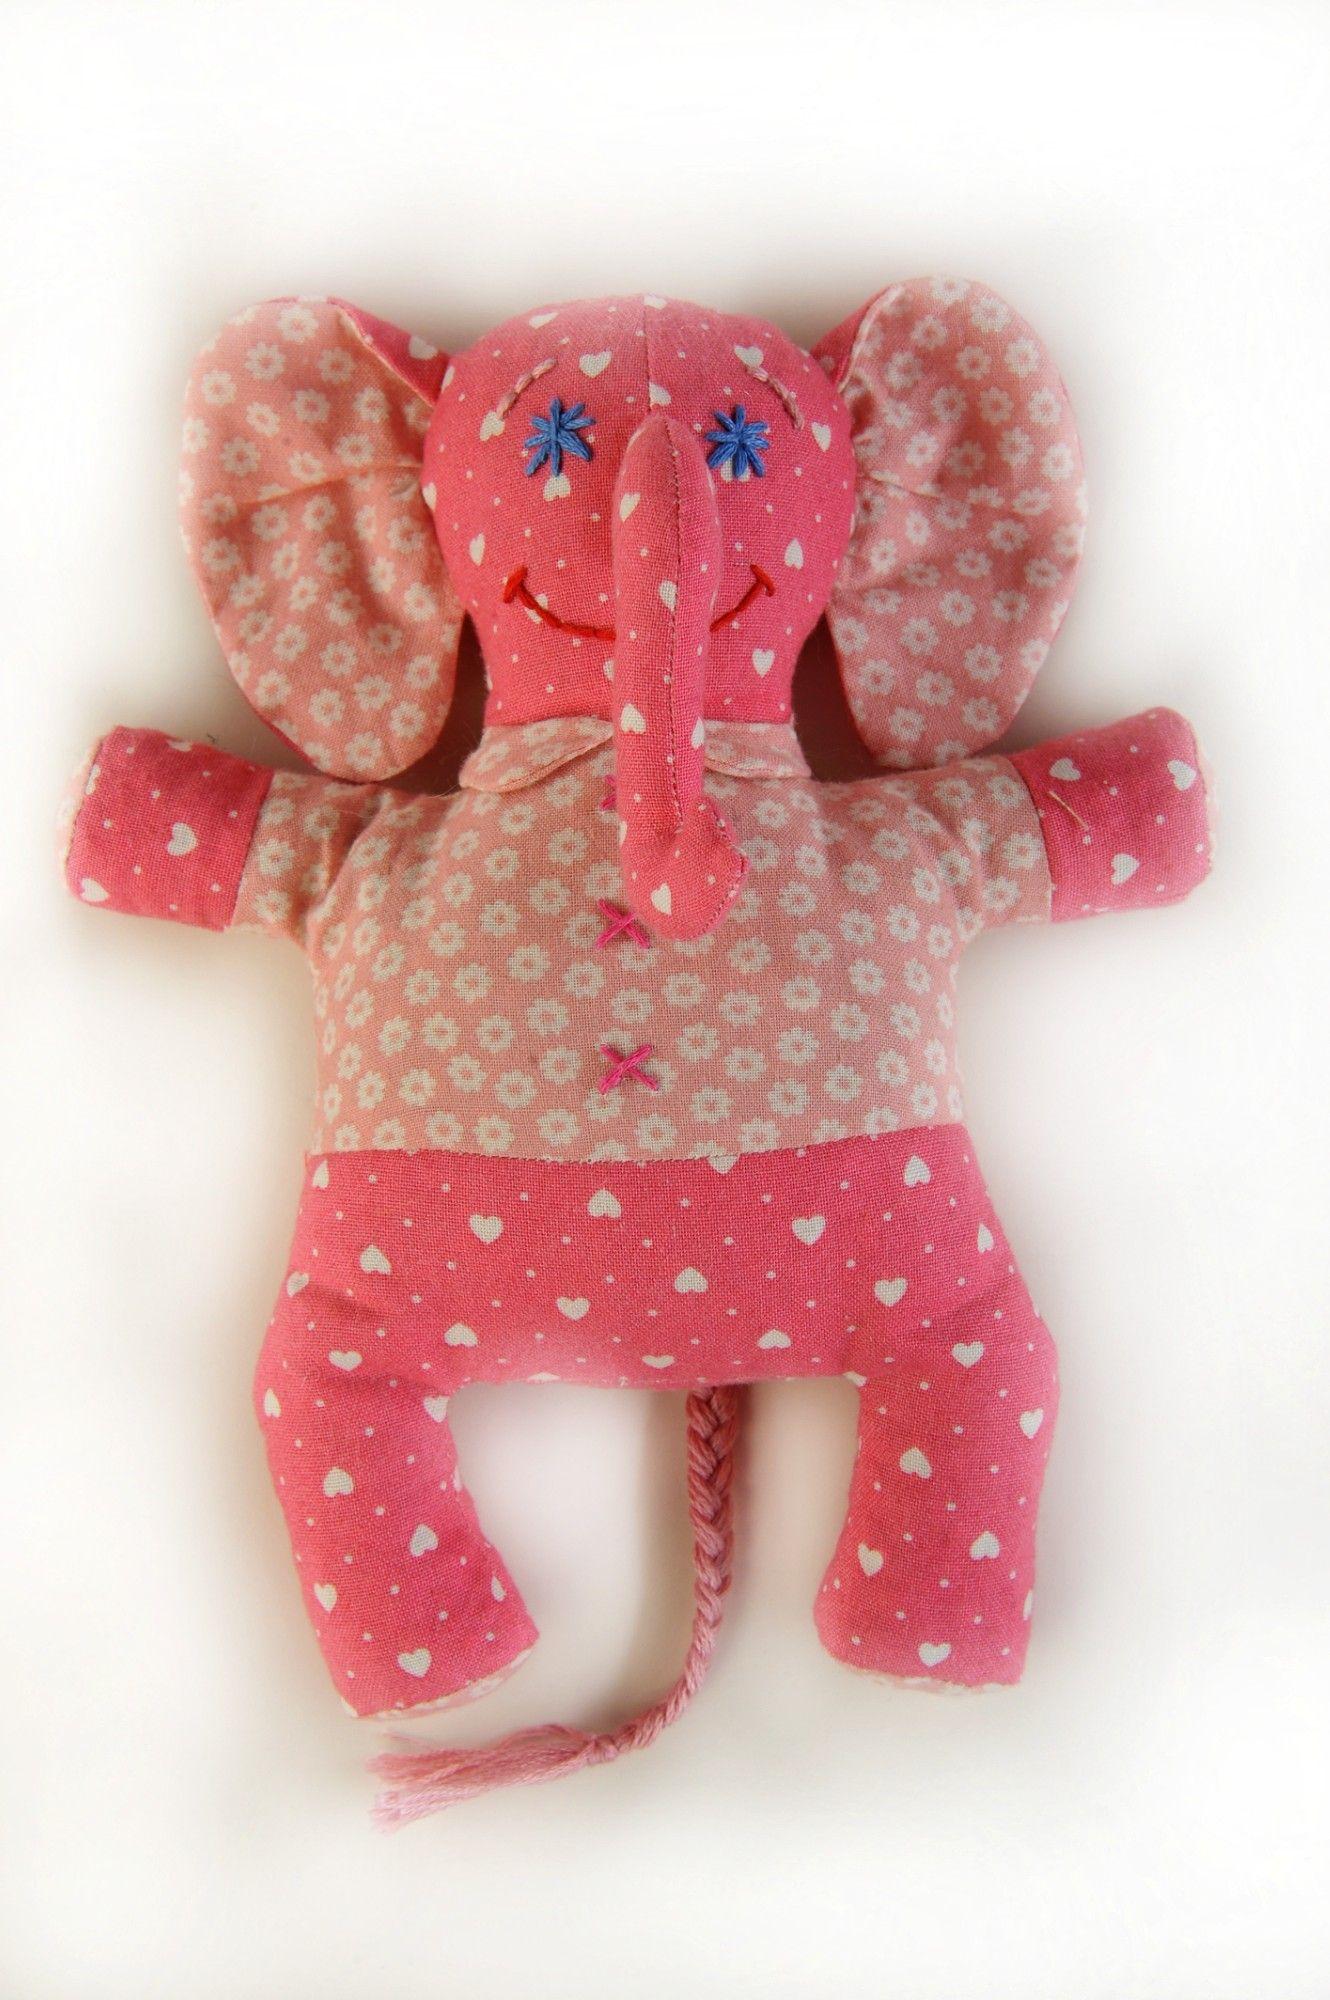 П115 Набор для изготовления текстильной игрушки 'Слонёнок Фантик', 19 см, 'Перловка'